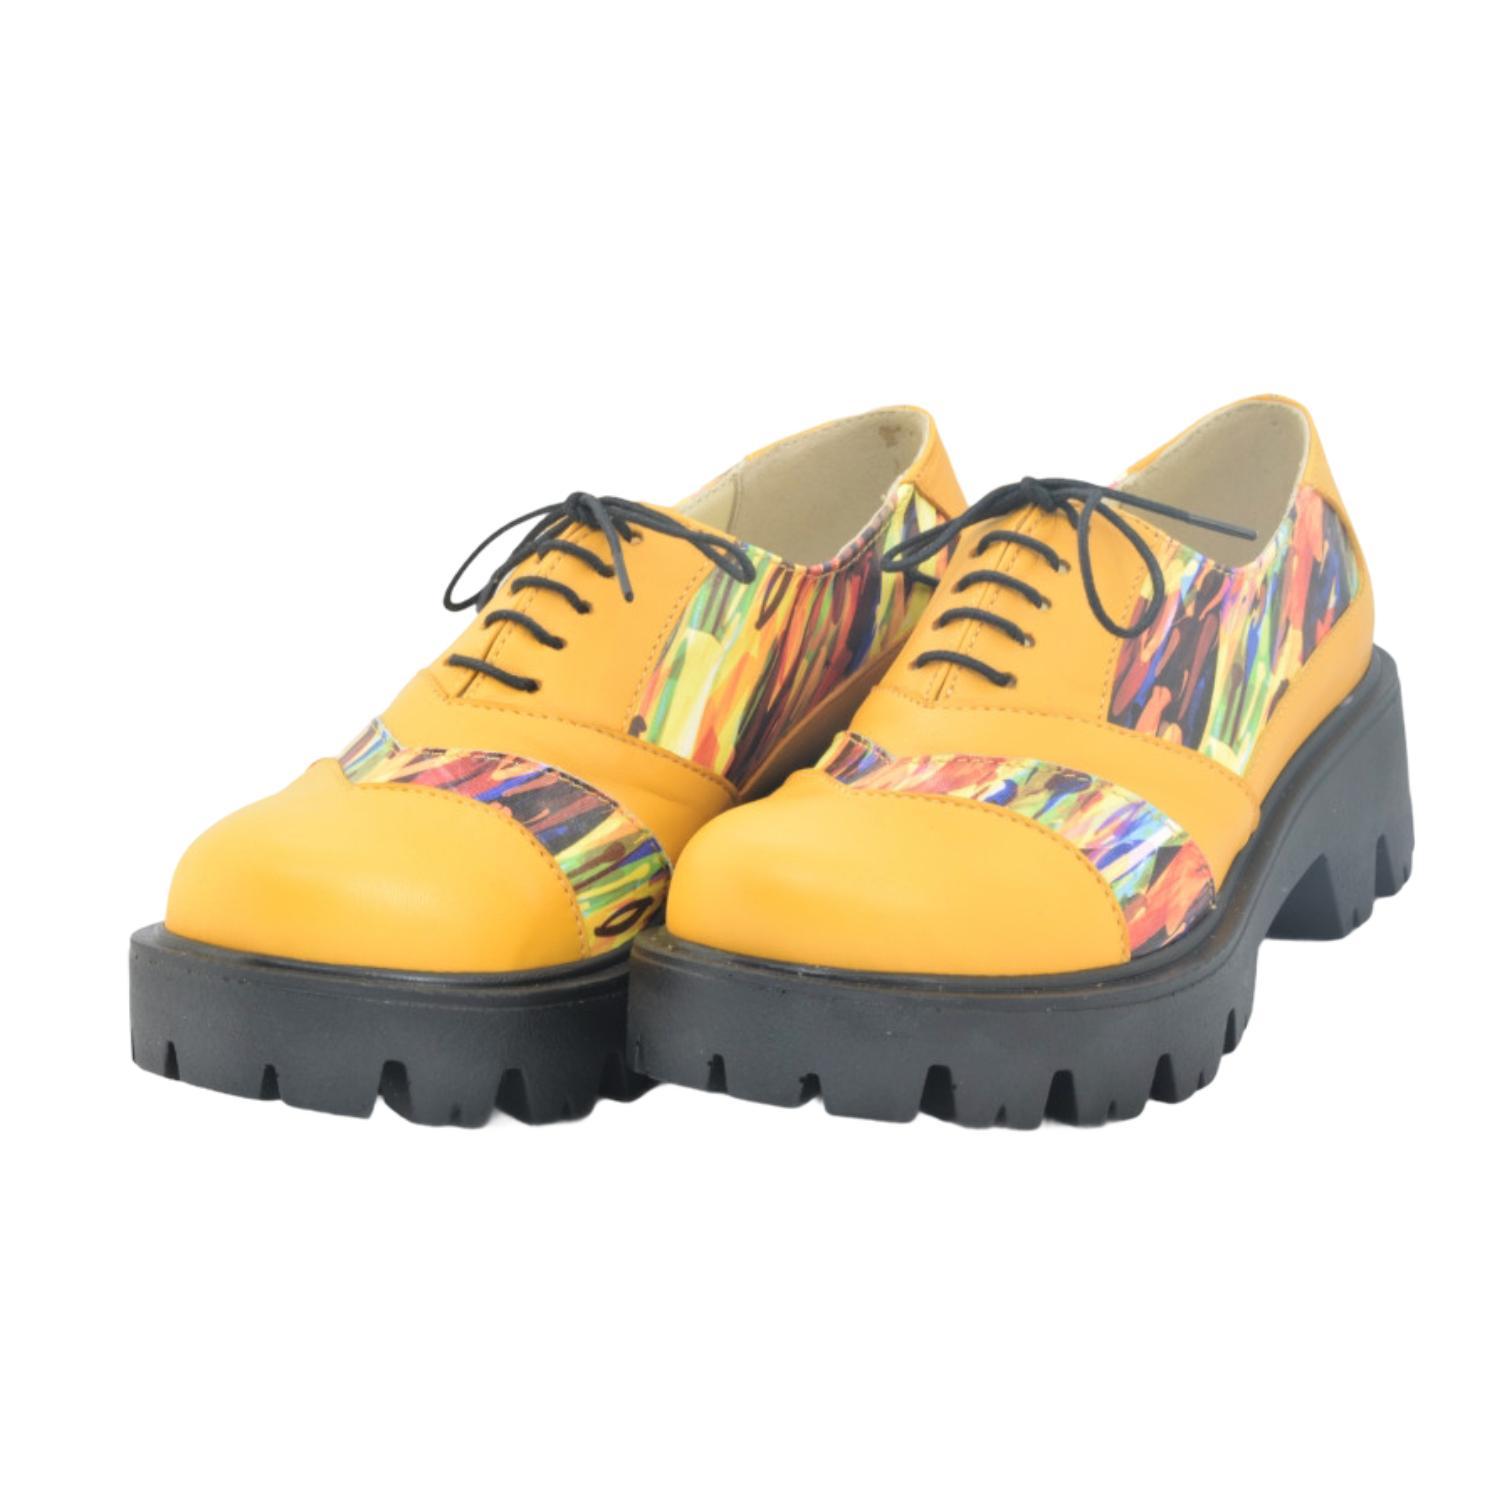 Pantofi galbeni cu imprimeu multicolor